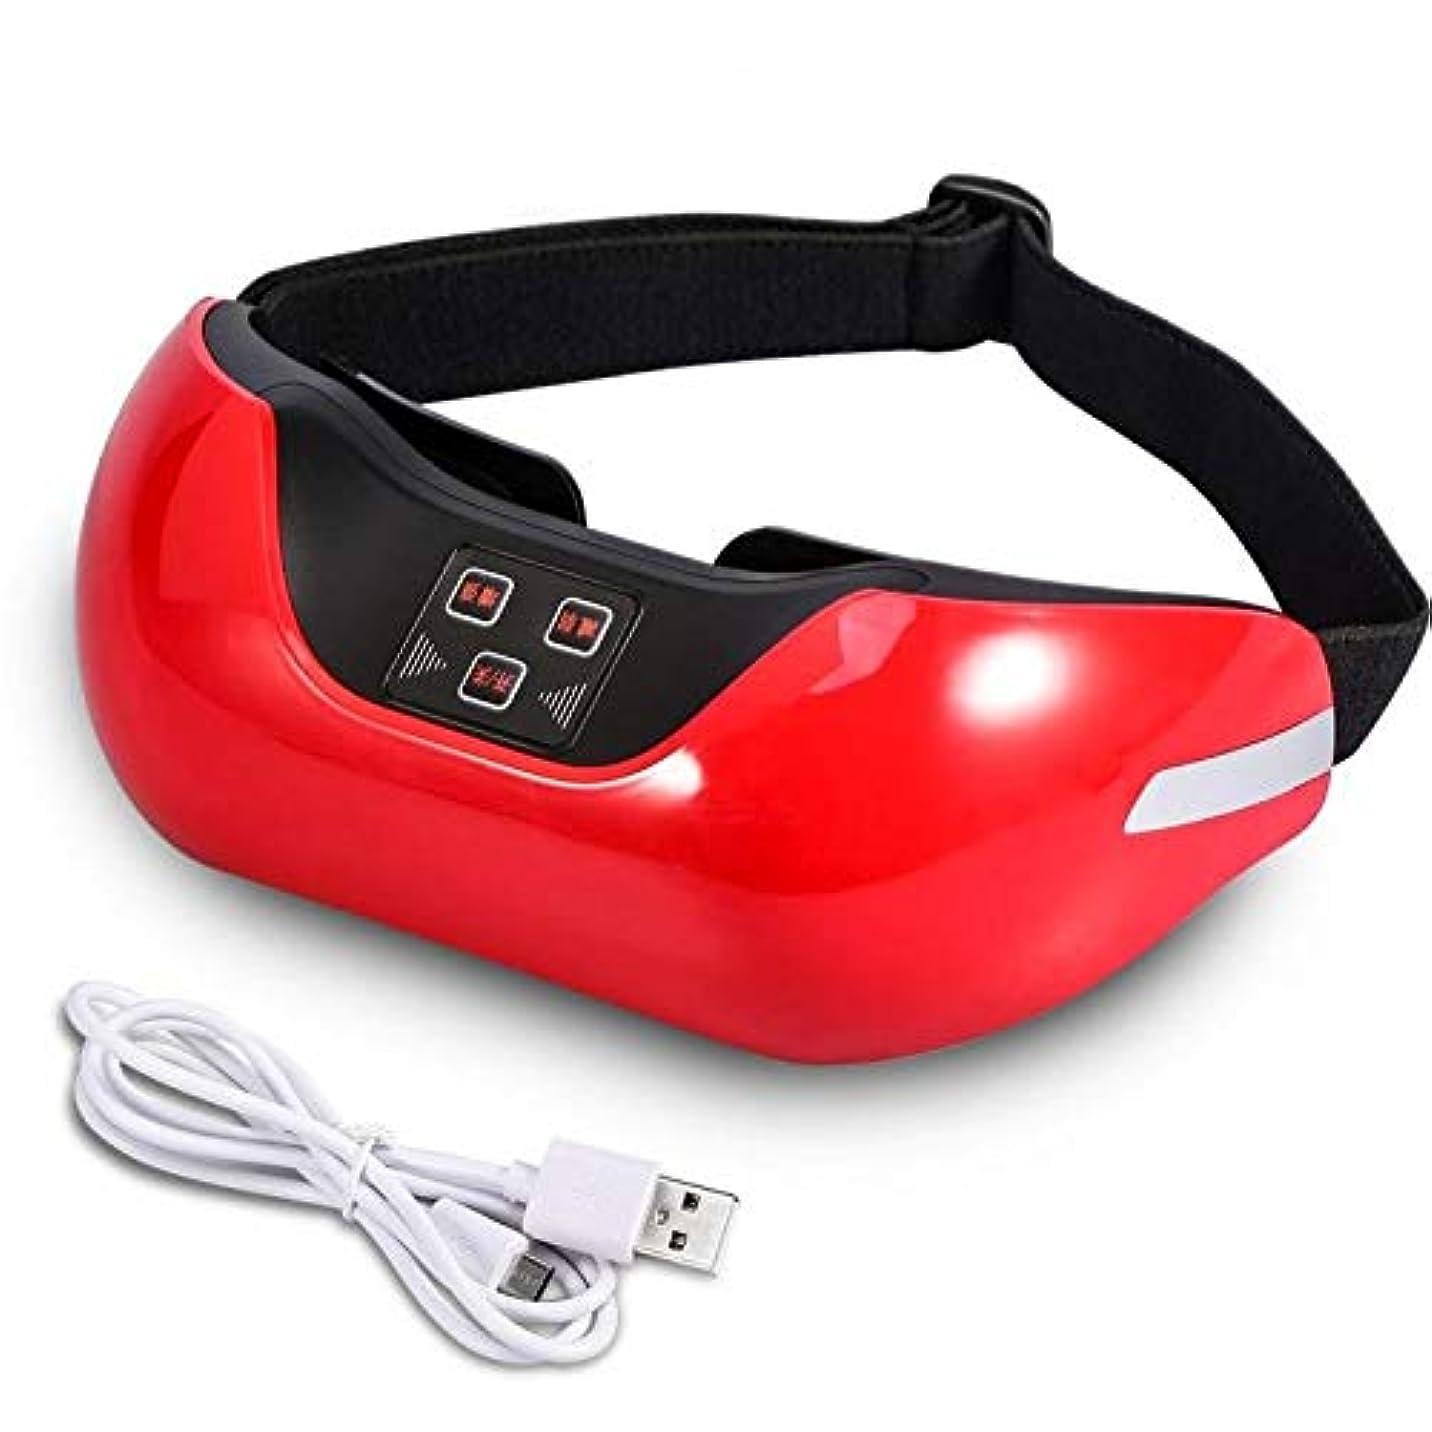 インタビュー独占戻るRuzzy 緑色光アイマッサージャー付き3D充電式マッサージャー 購入へようこそ (Color : Red)